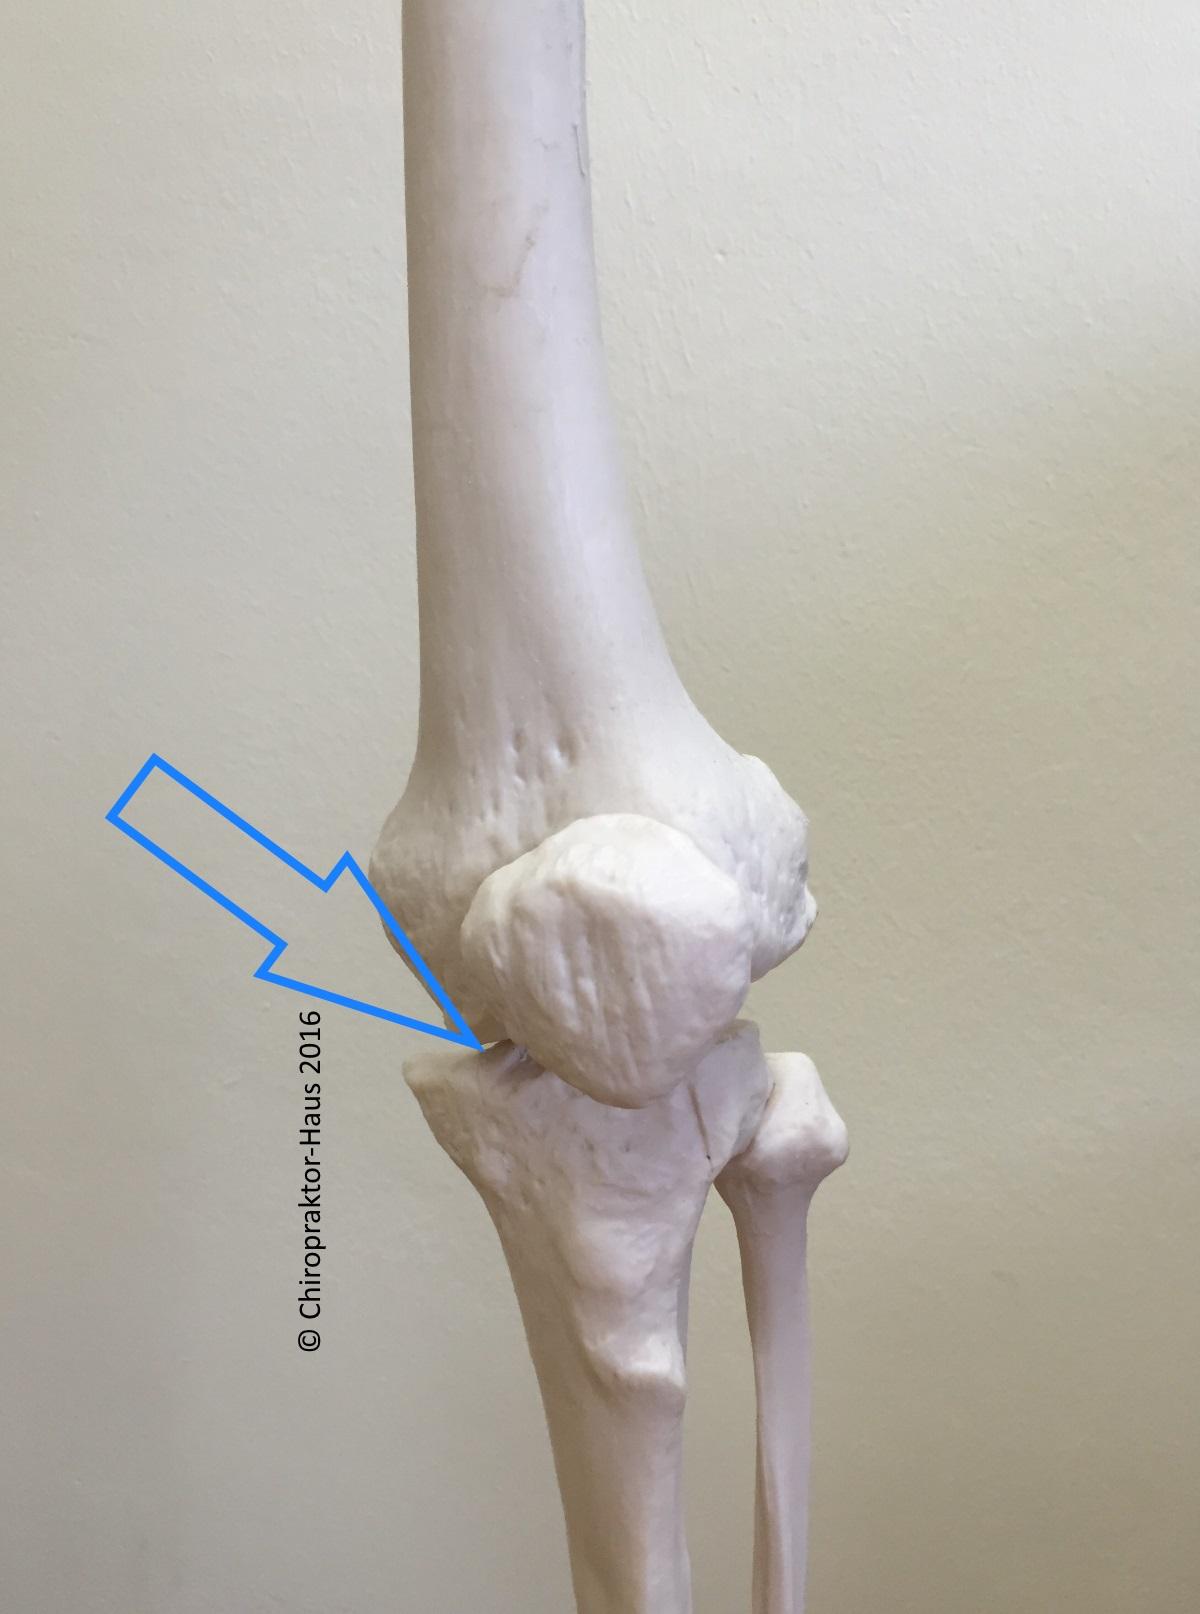 Arthrose (Knie oder Hüfte) I Chiropraktor-Haus | Chiropraktor-Haus ...